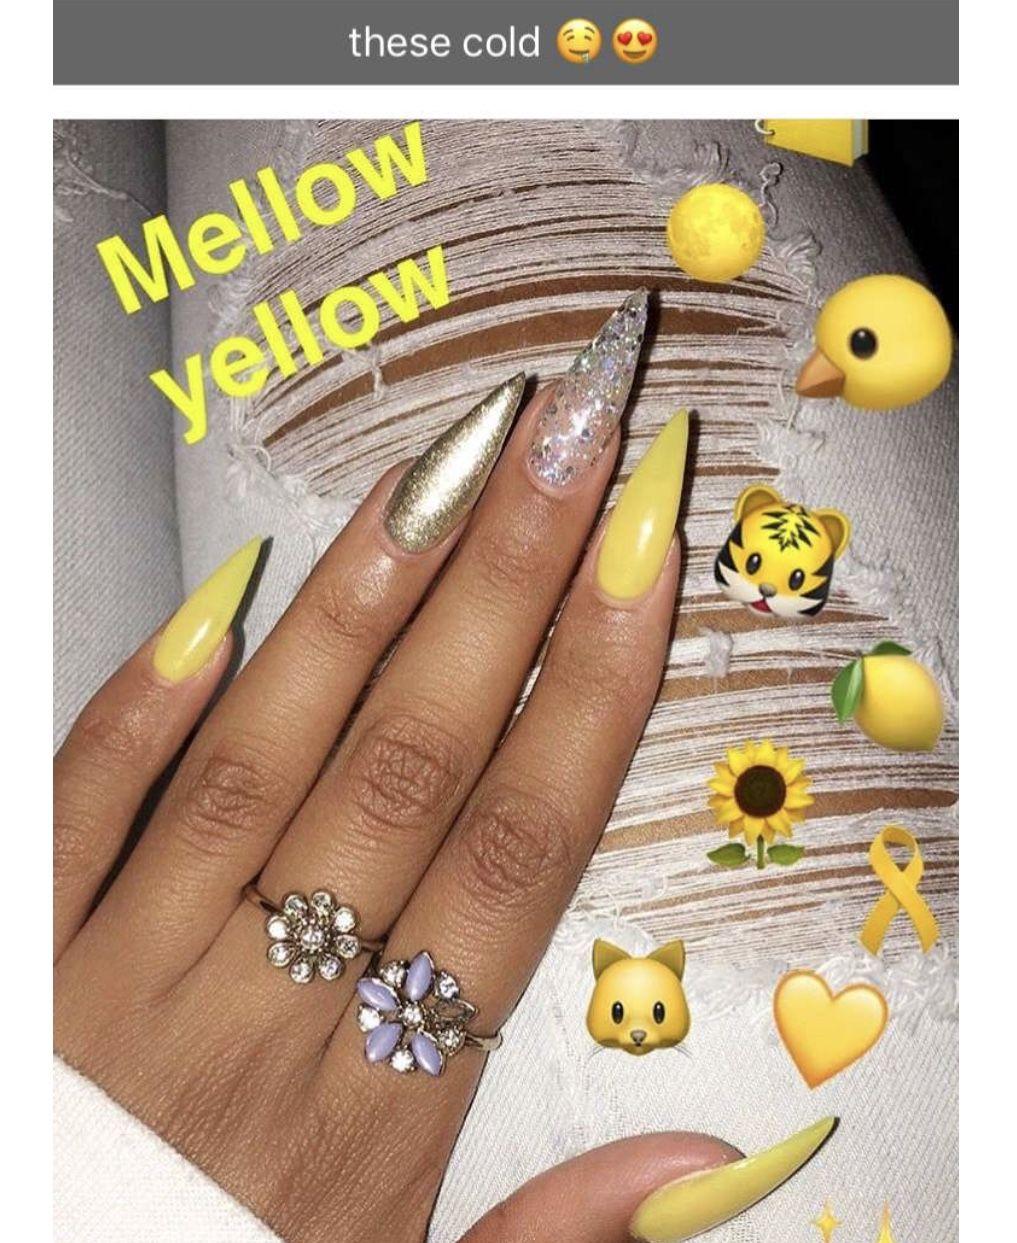 Pin By Tommy On N A I L A D D I C T Yellow Nails Design Yellow Nails Nail Designs